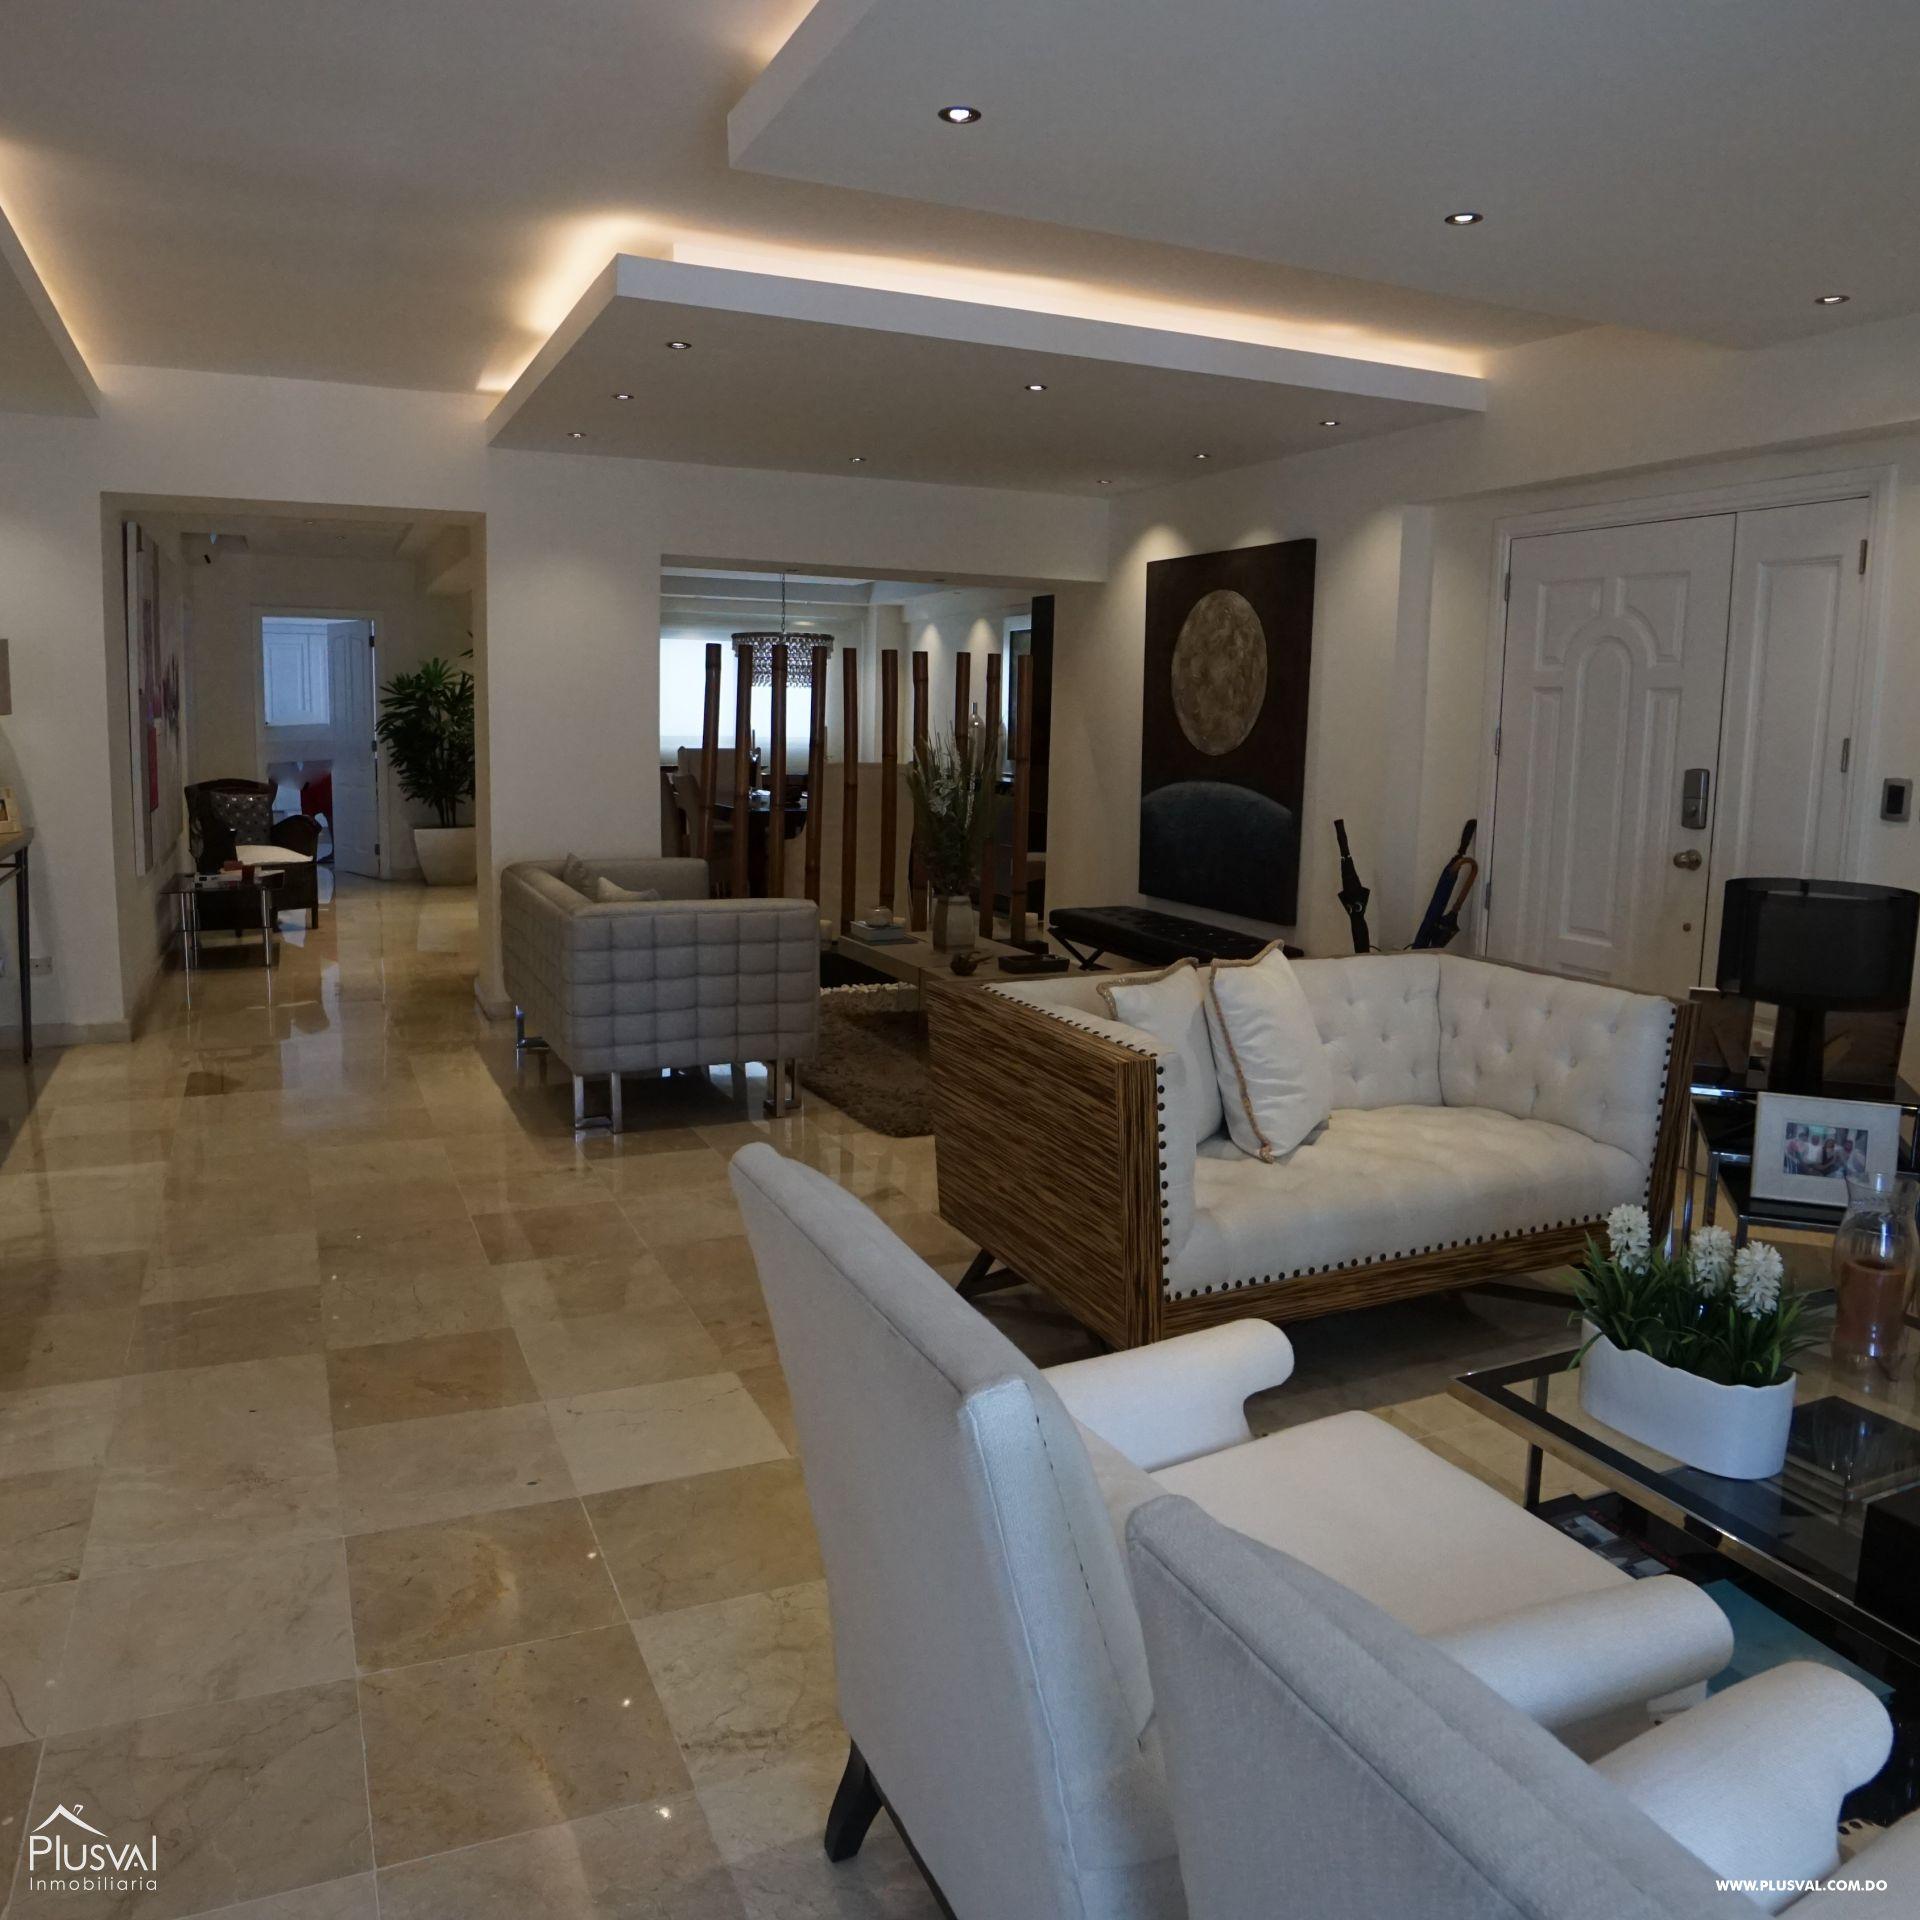 Lujoso apartamento en VENTA en Zona Residencial de NACO 182958